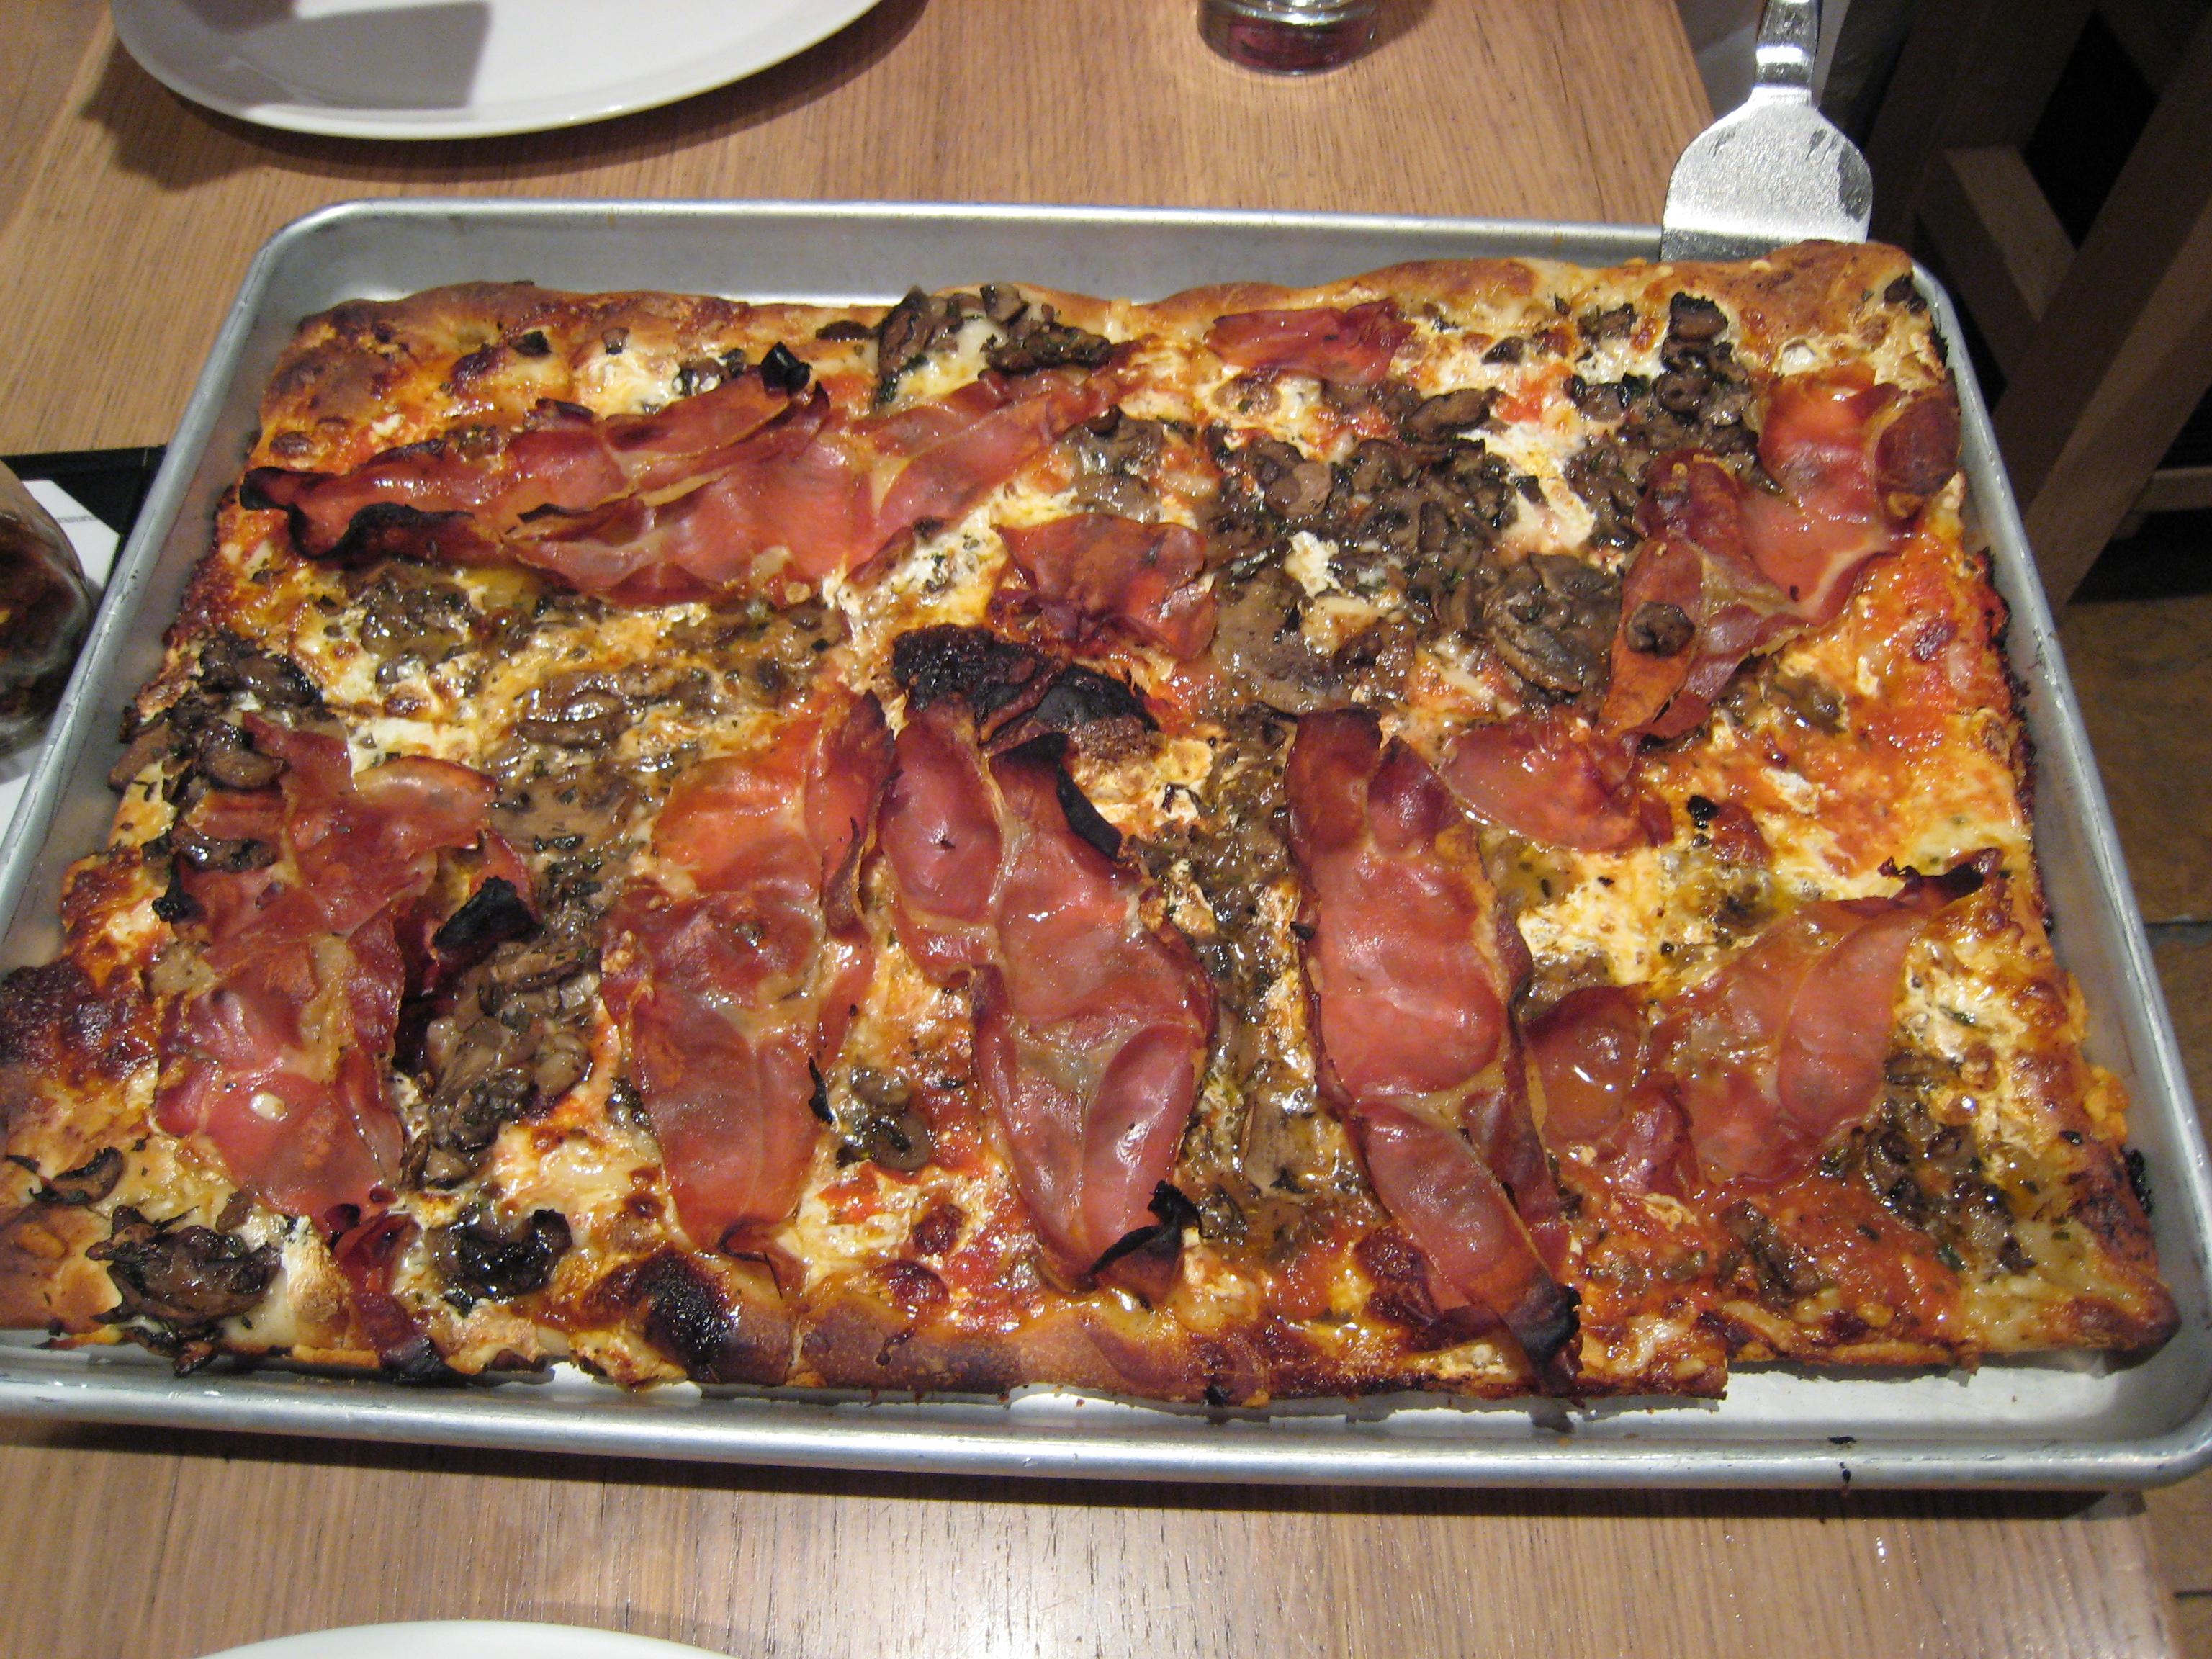 tcari sicily pizza - photo#11